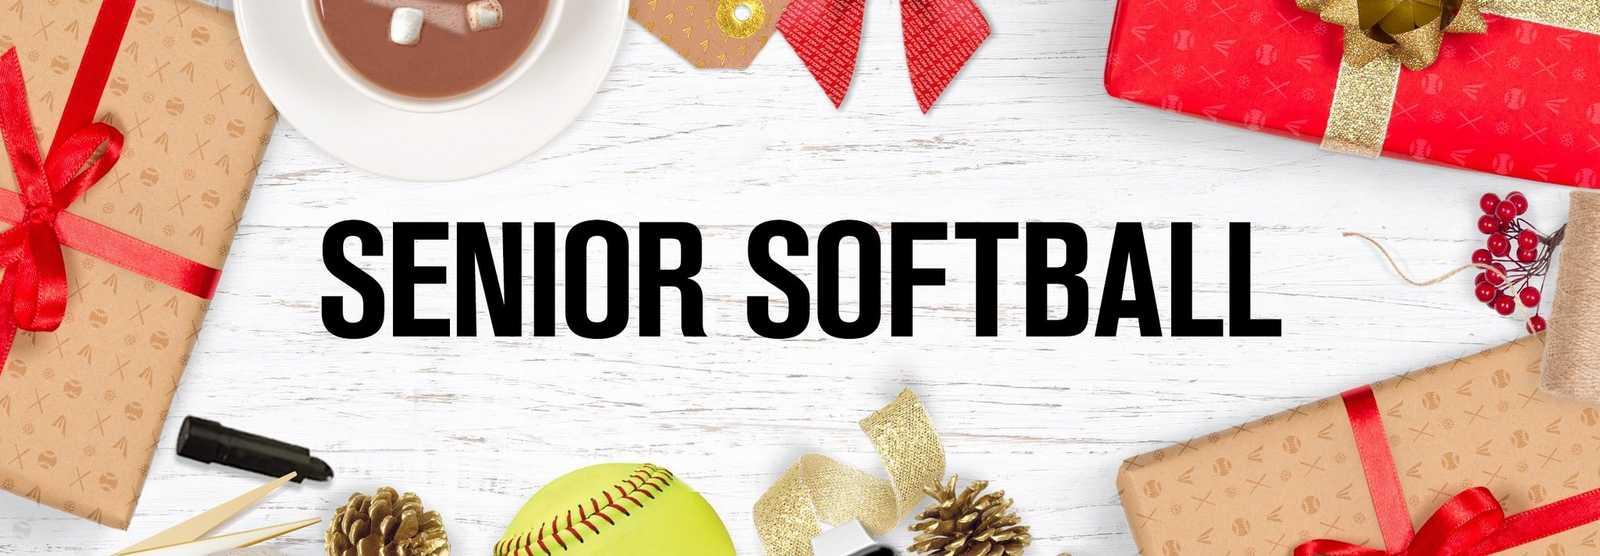 slowpitch-senior-softball-gift-guide